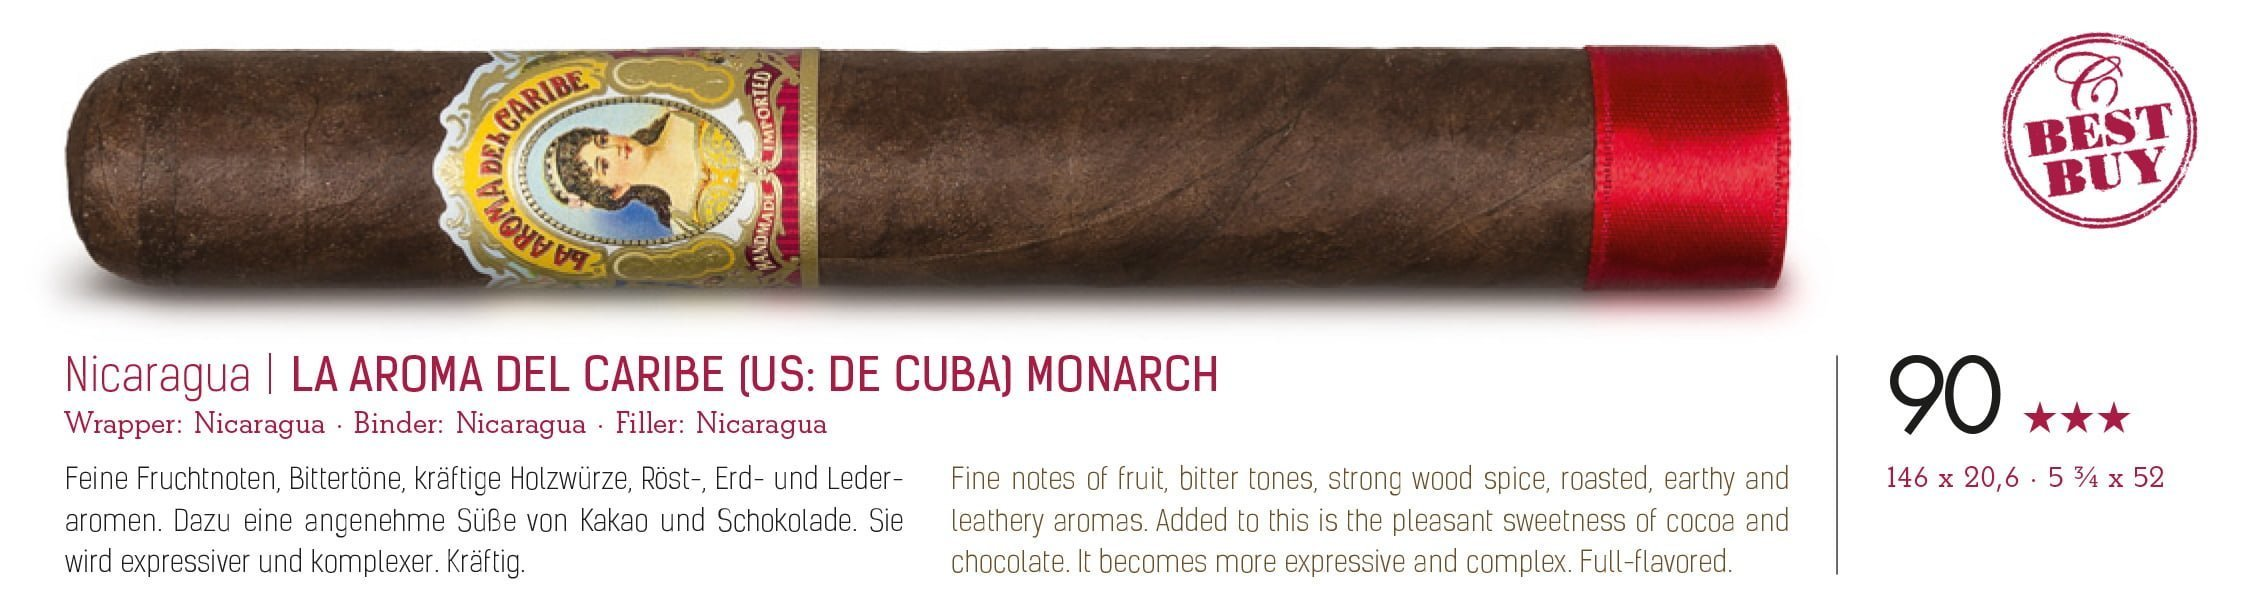 La Aroma del Caribe Monarch